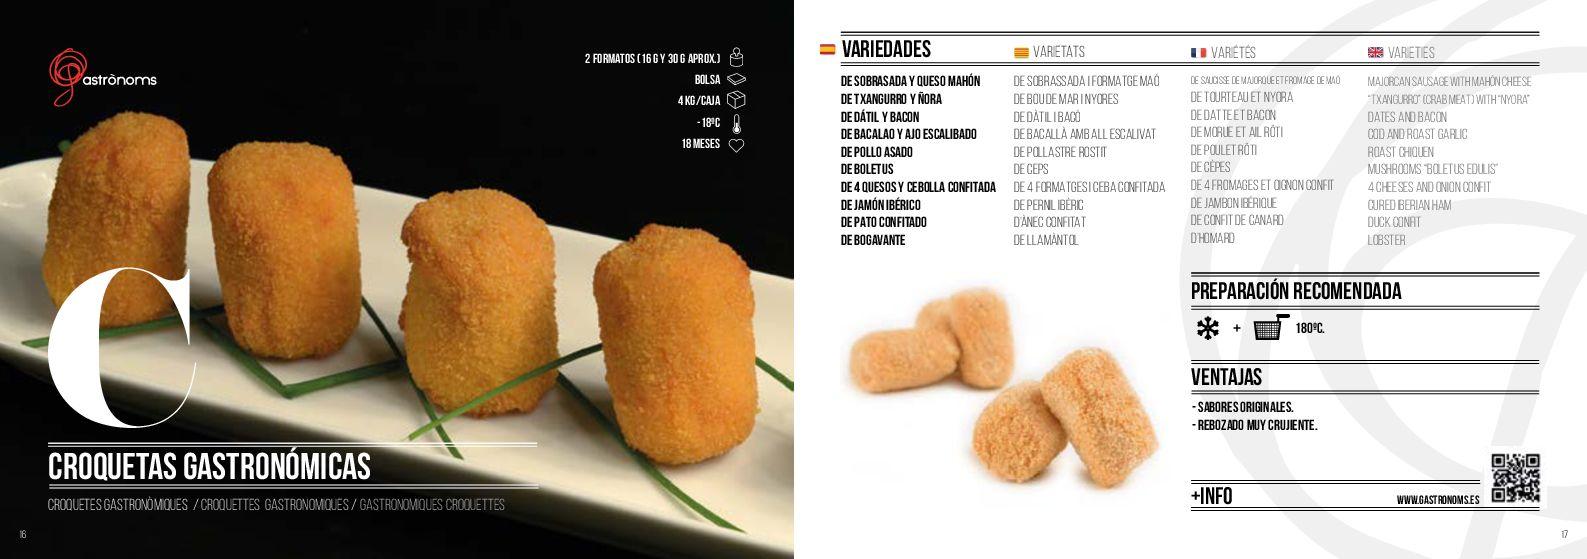 gastronoms - Pàg. 009